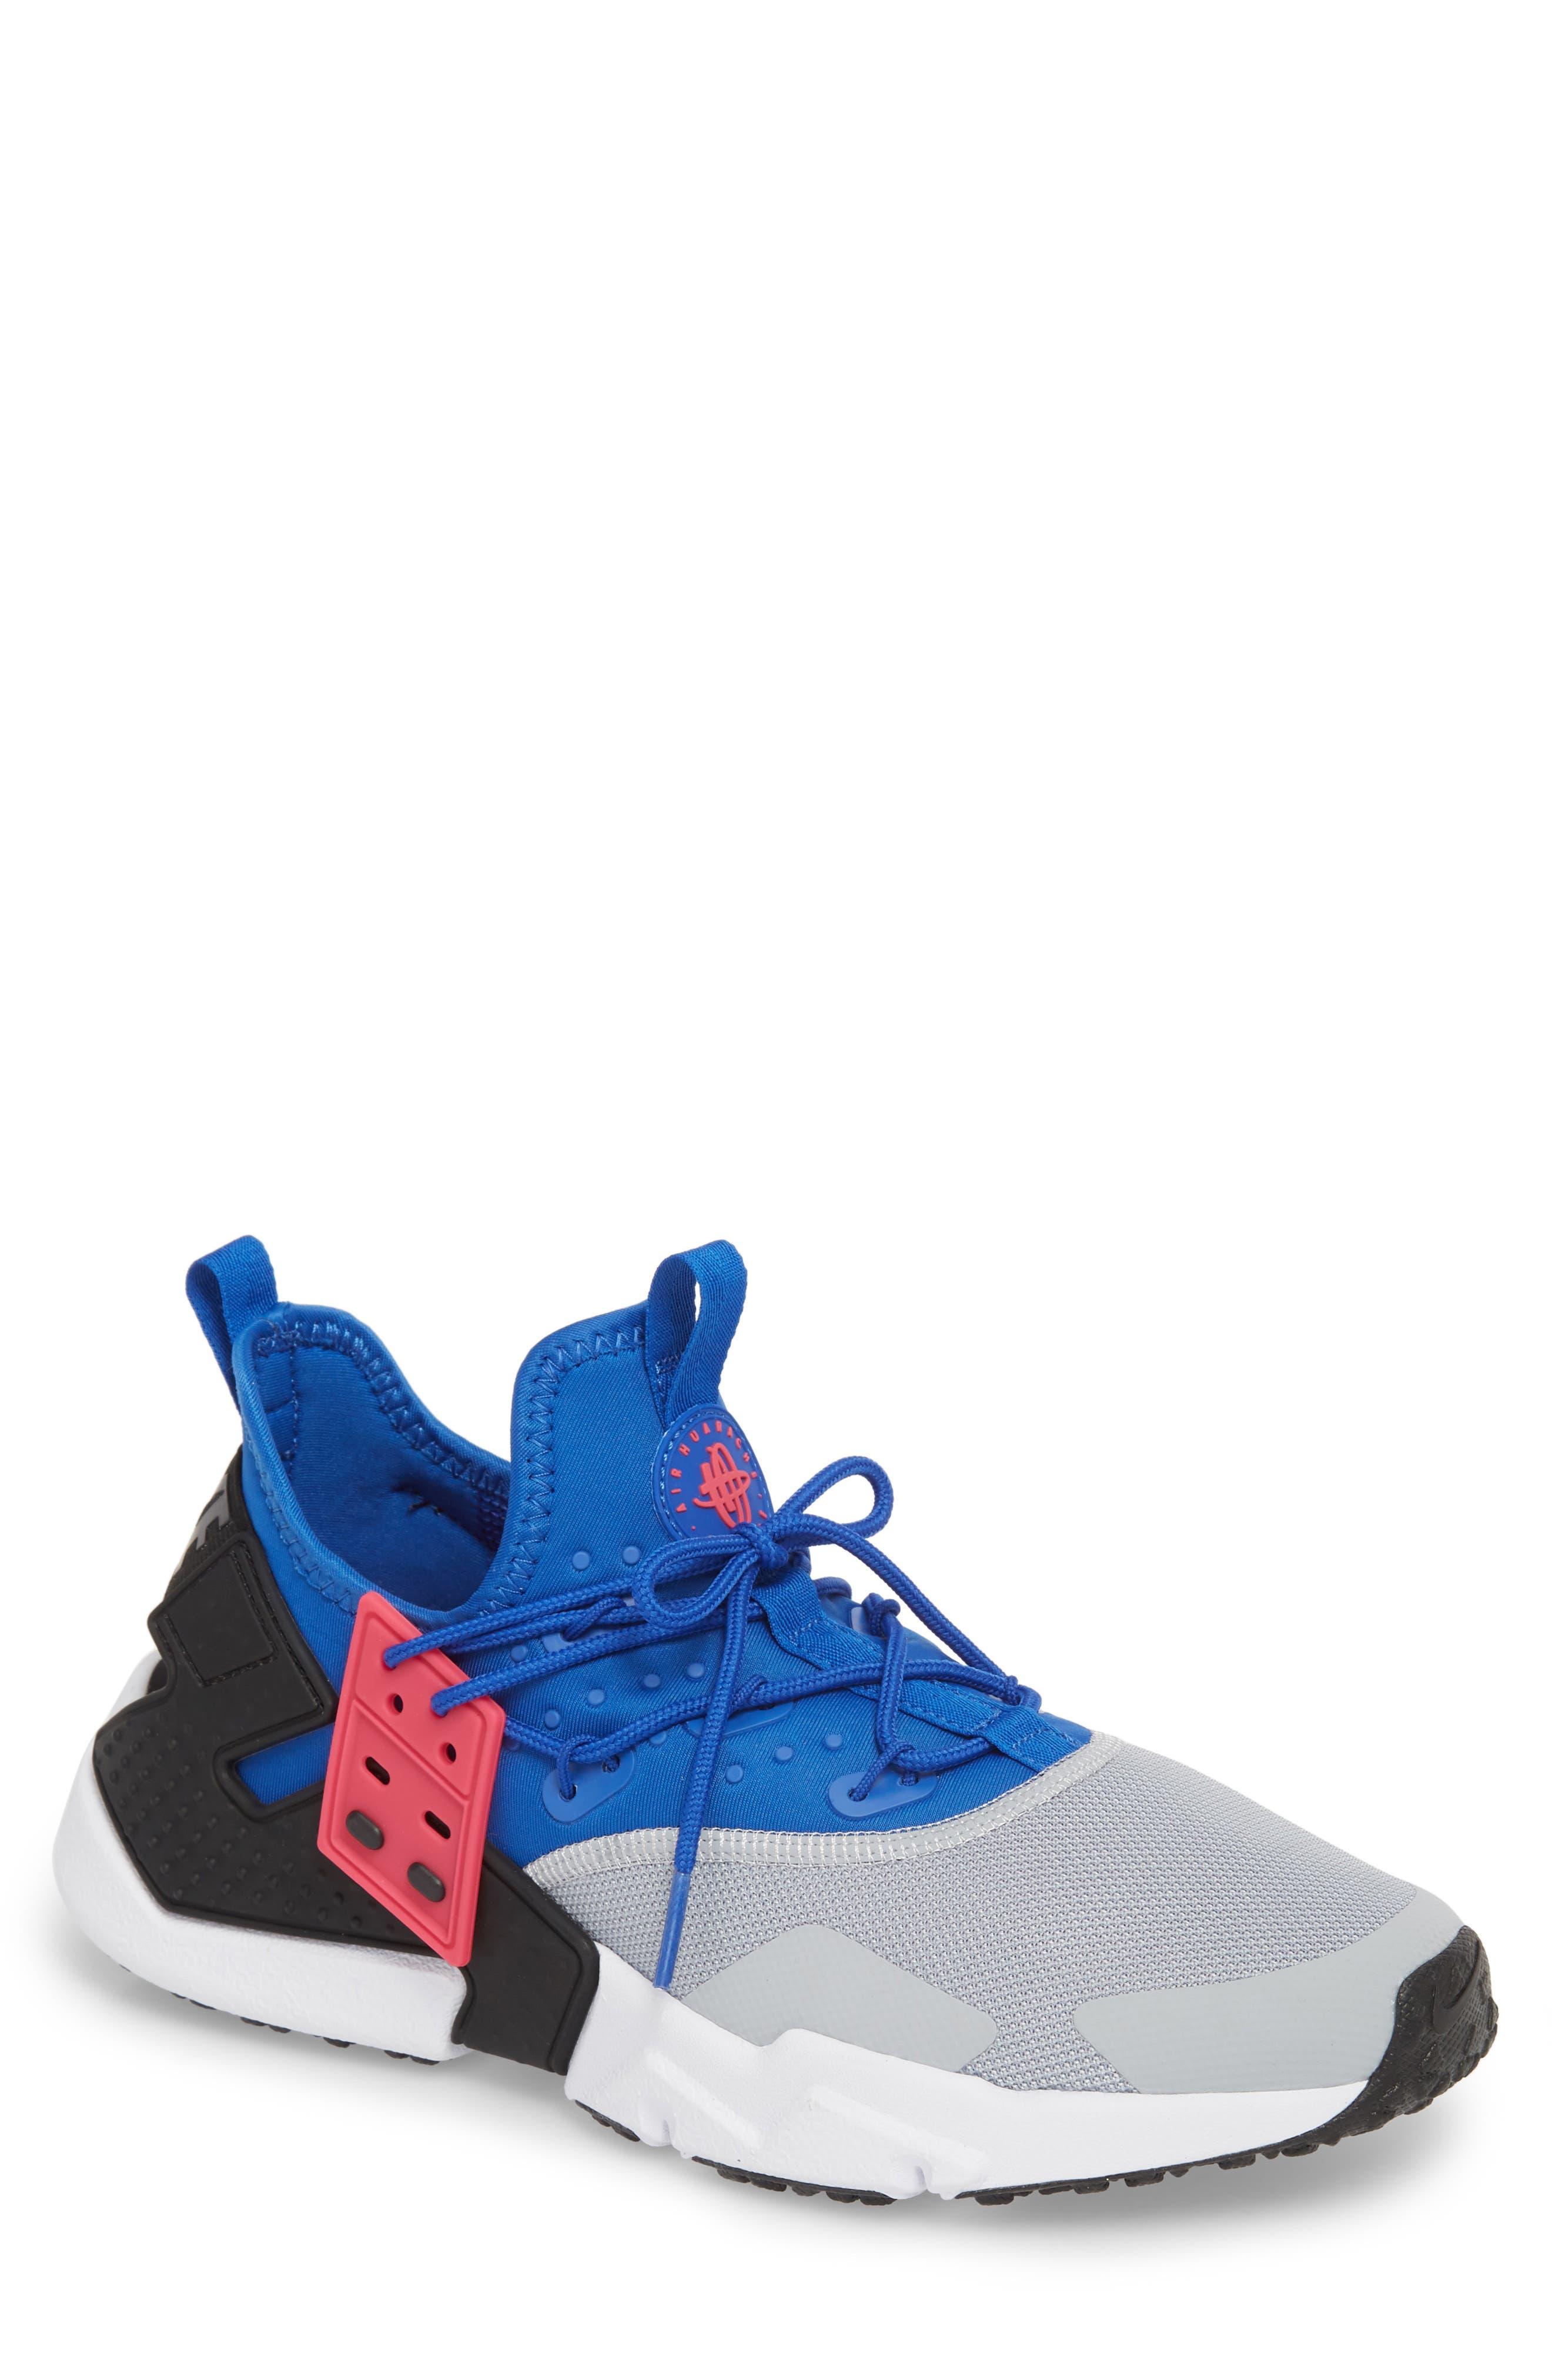 Air Huarache Drift Sneaker,                             Main thumbnail 1, color,                             Game Royal/ White/ Wolf Grey